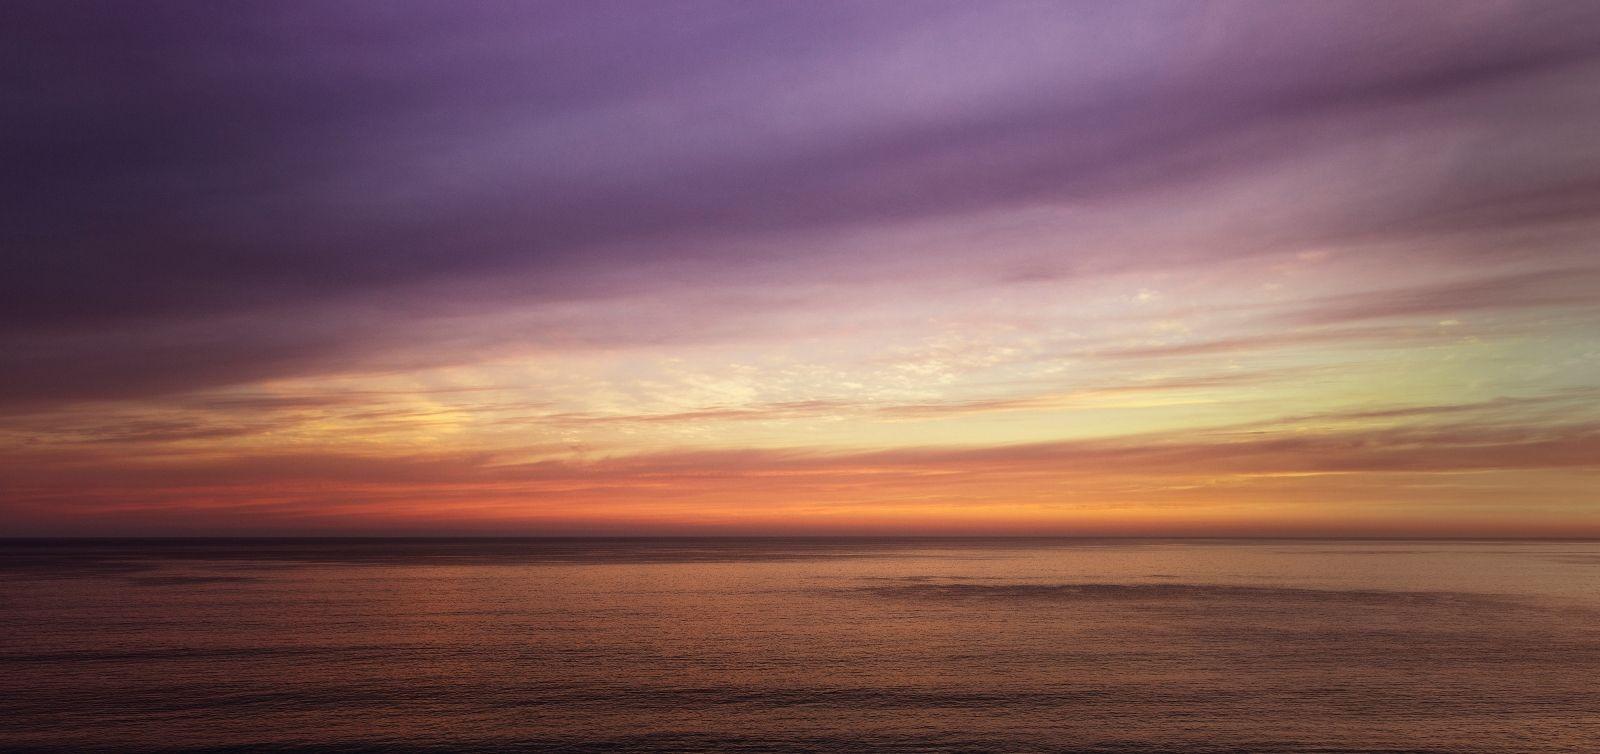 beautiful purple and gold sunset